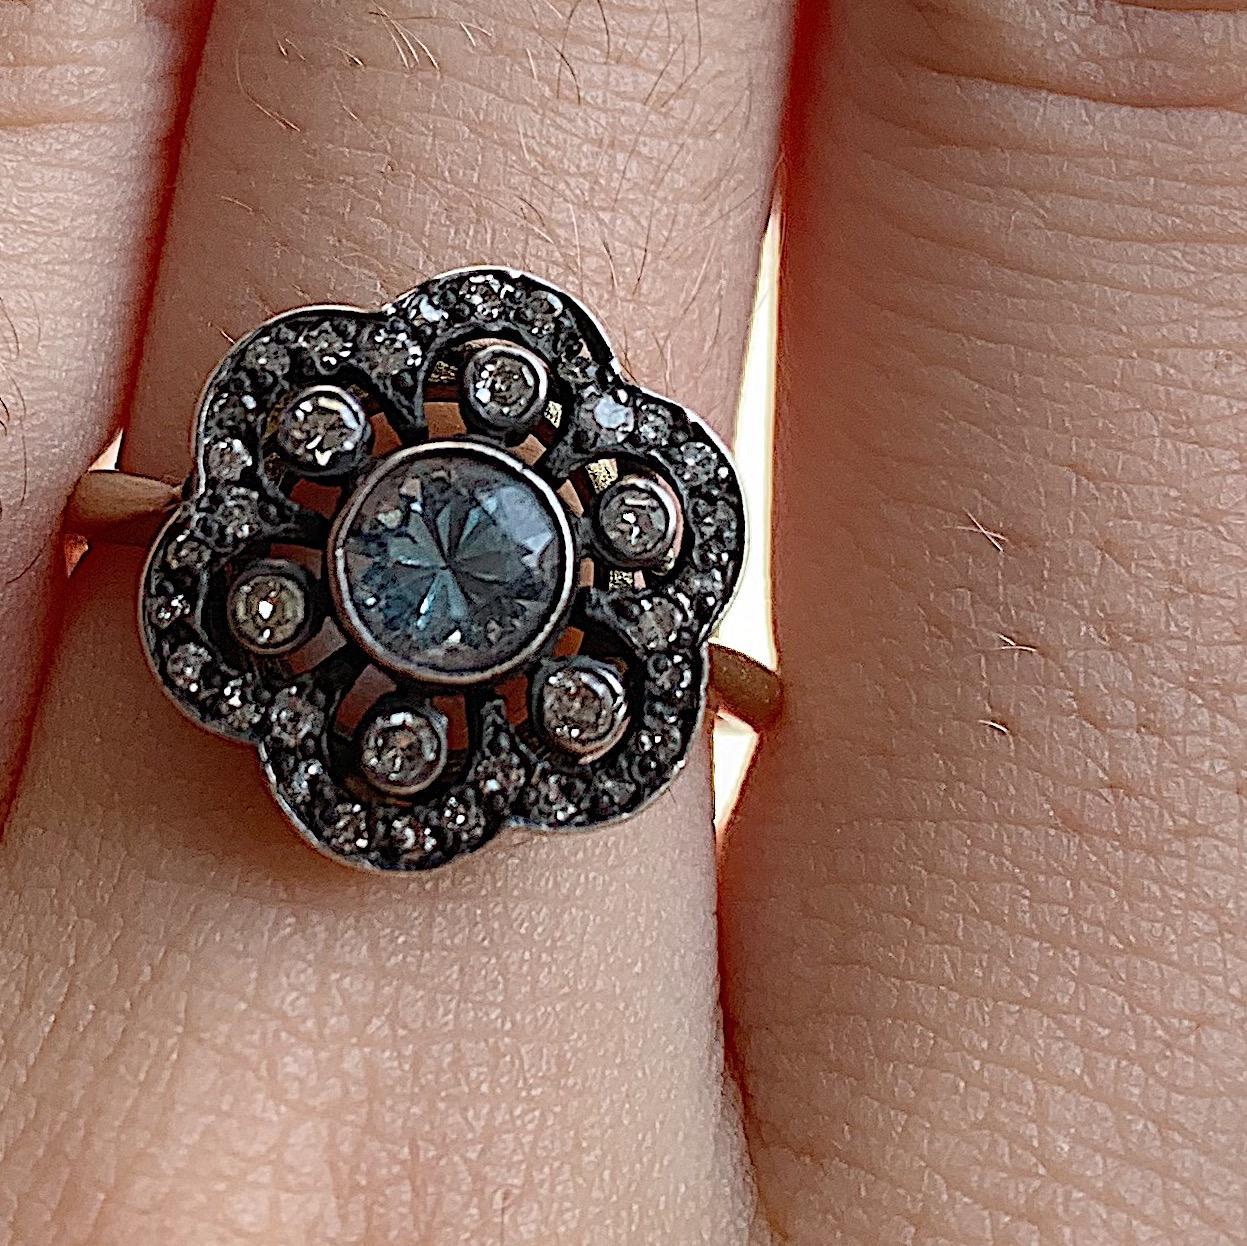 טבעת אנגלית זהב וכסף עם אקווה מארין ויהלומים.